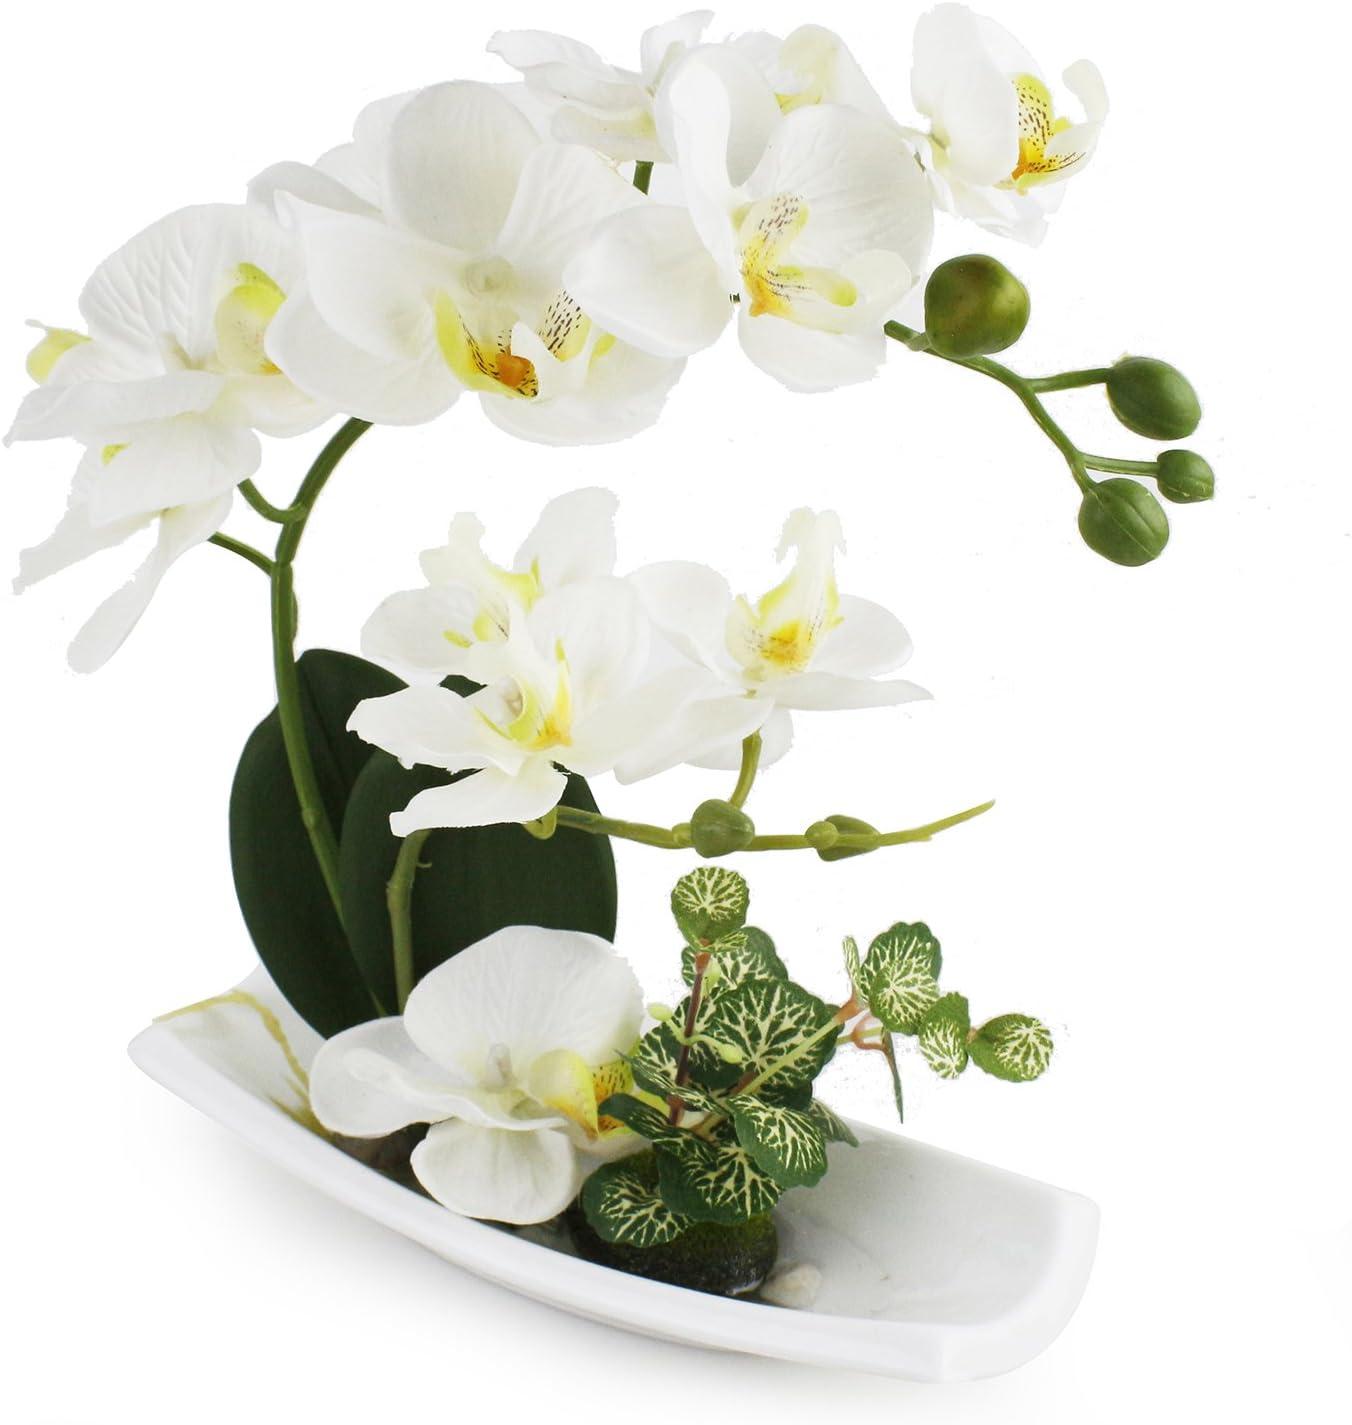 Artificial Orchids Arrangement in White ceramic Vase